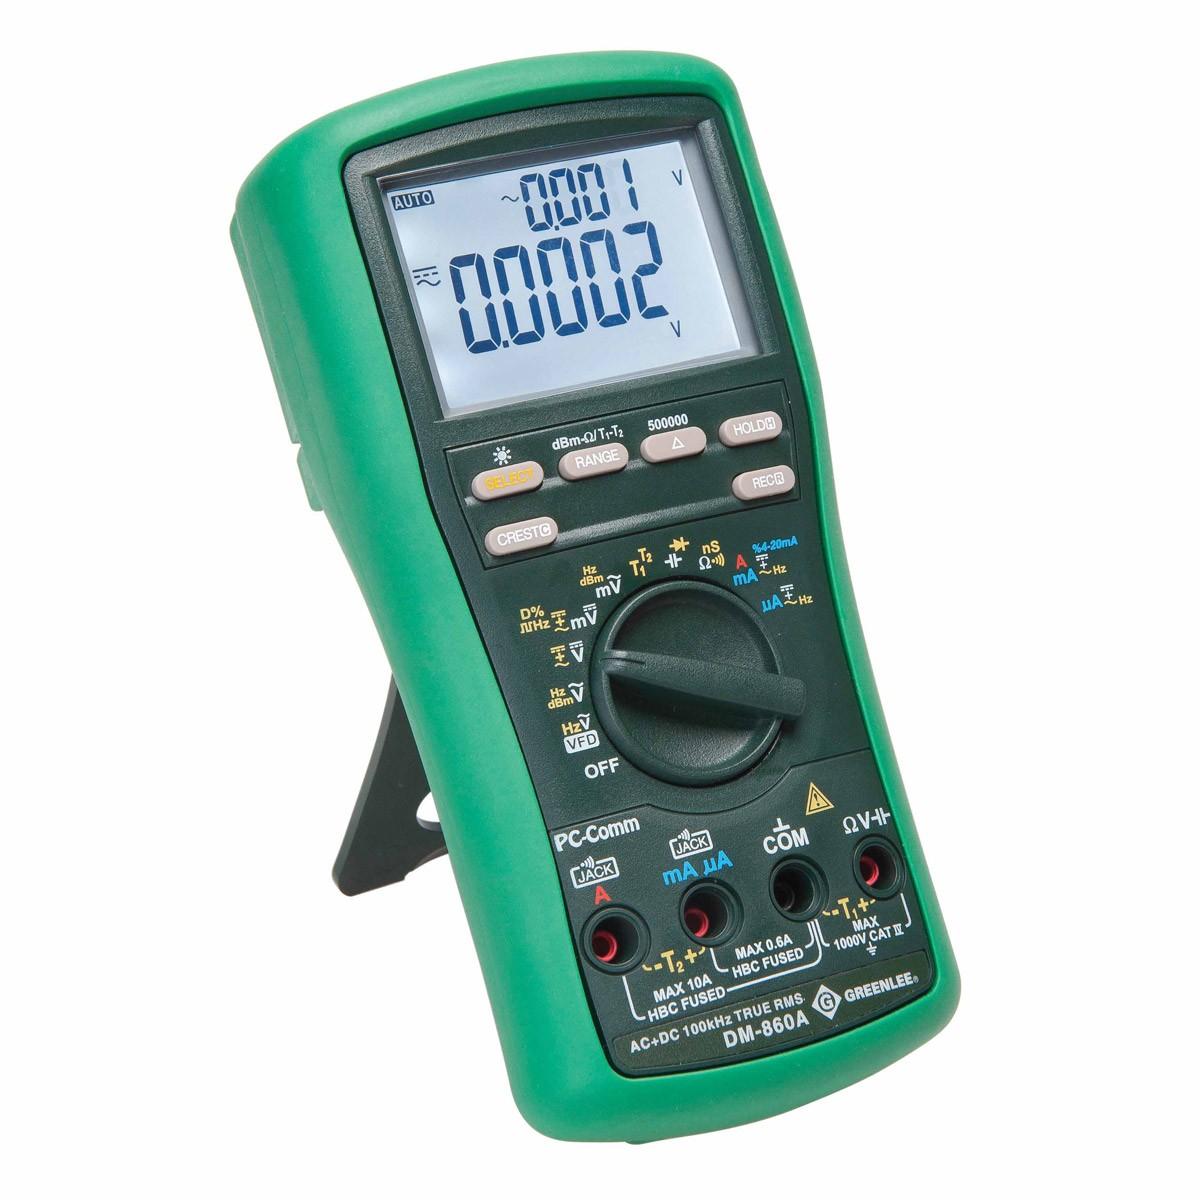 Electrical Tester Greenlee Dm 40 : Greenlee dm a industrial digital multimeter